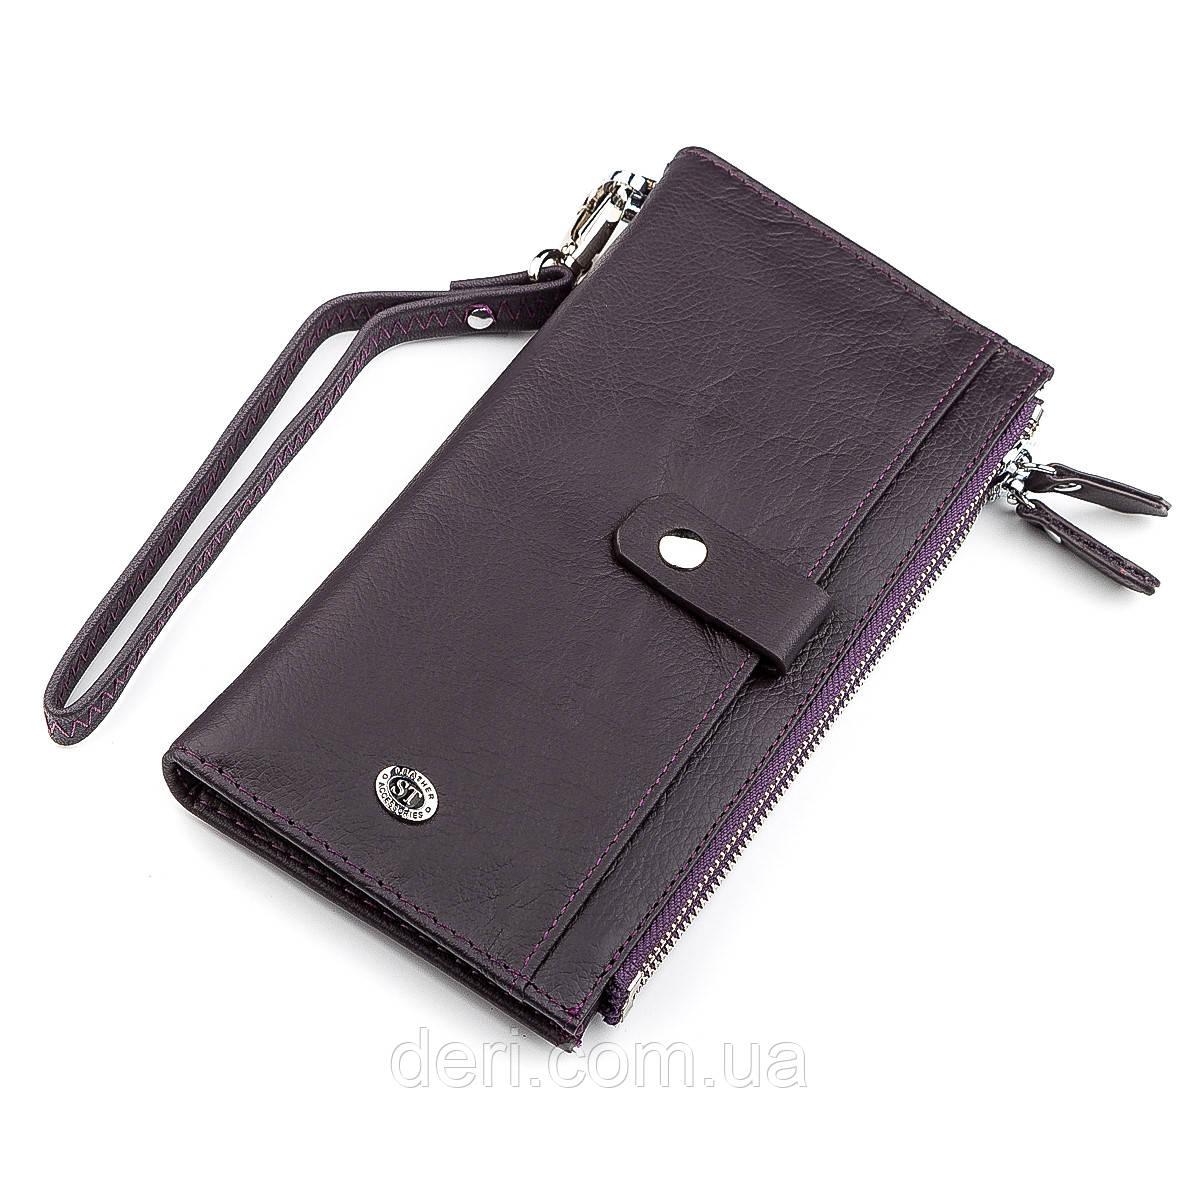 Кошелек женский ST Leather кожаный фиолетовый